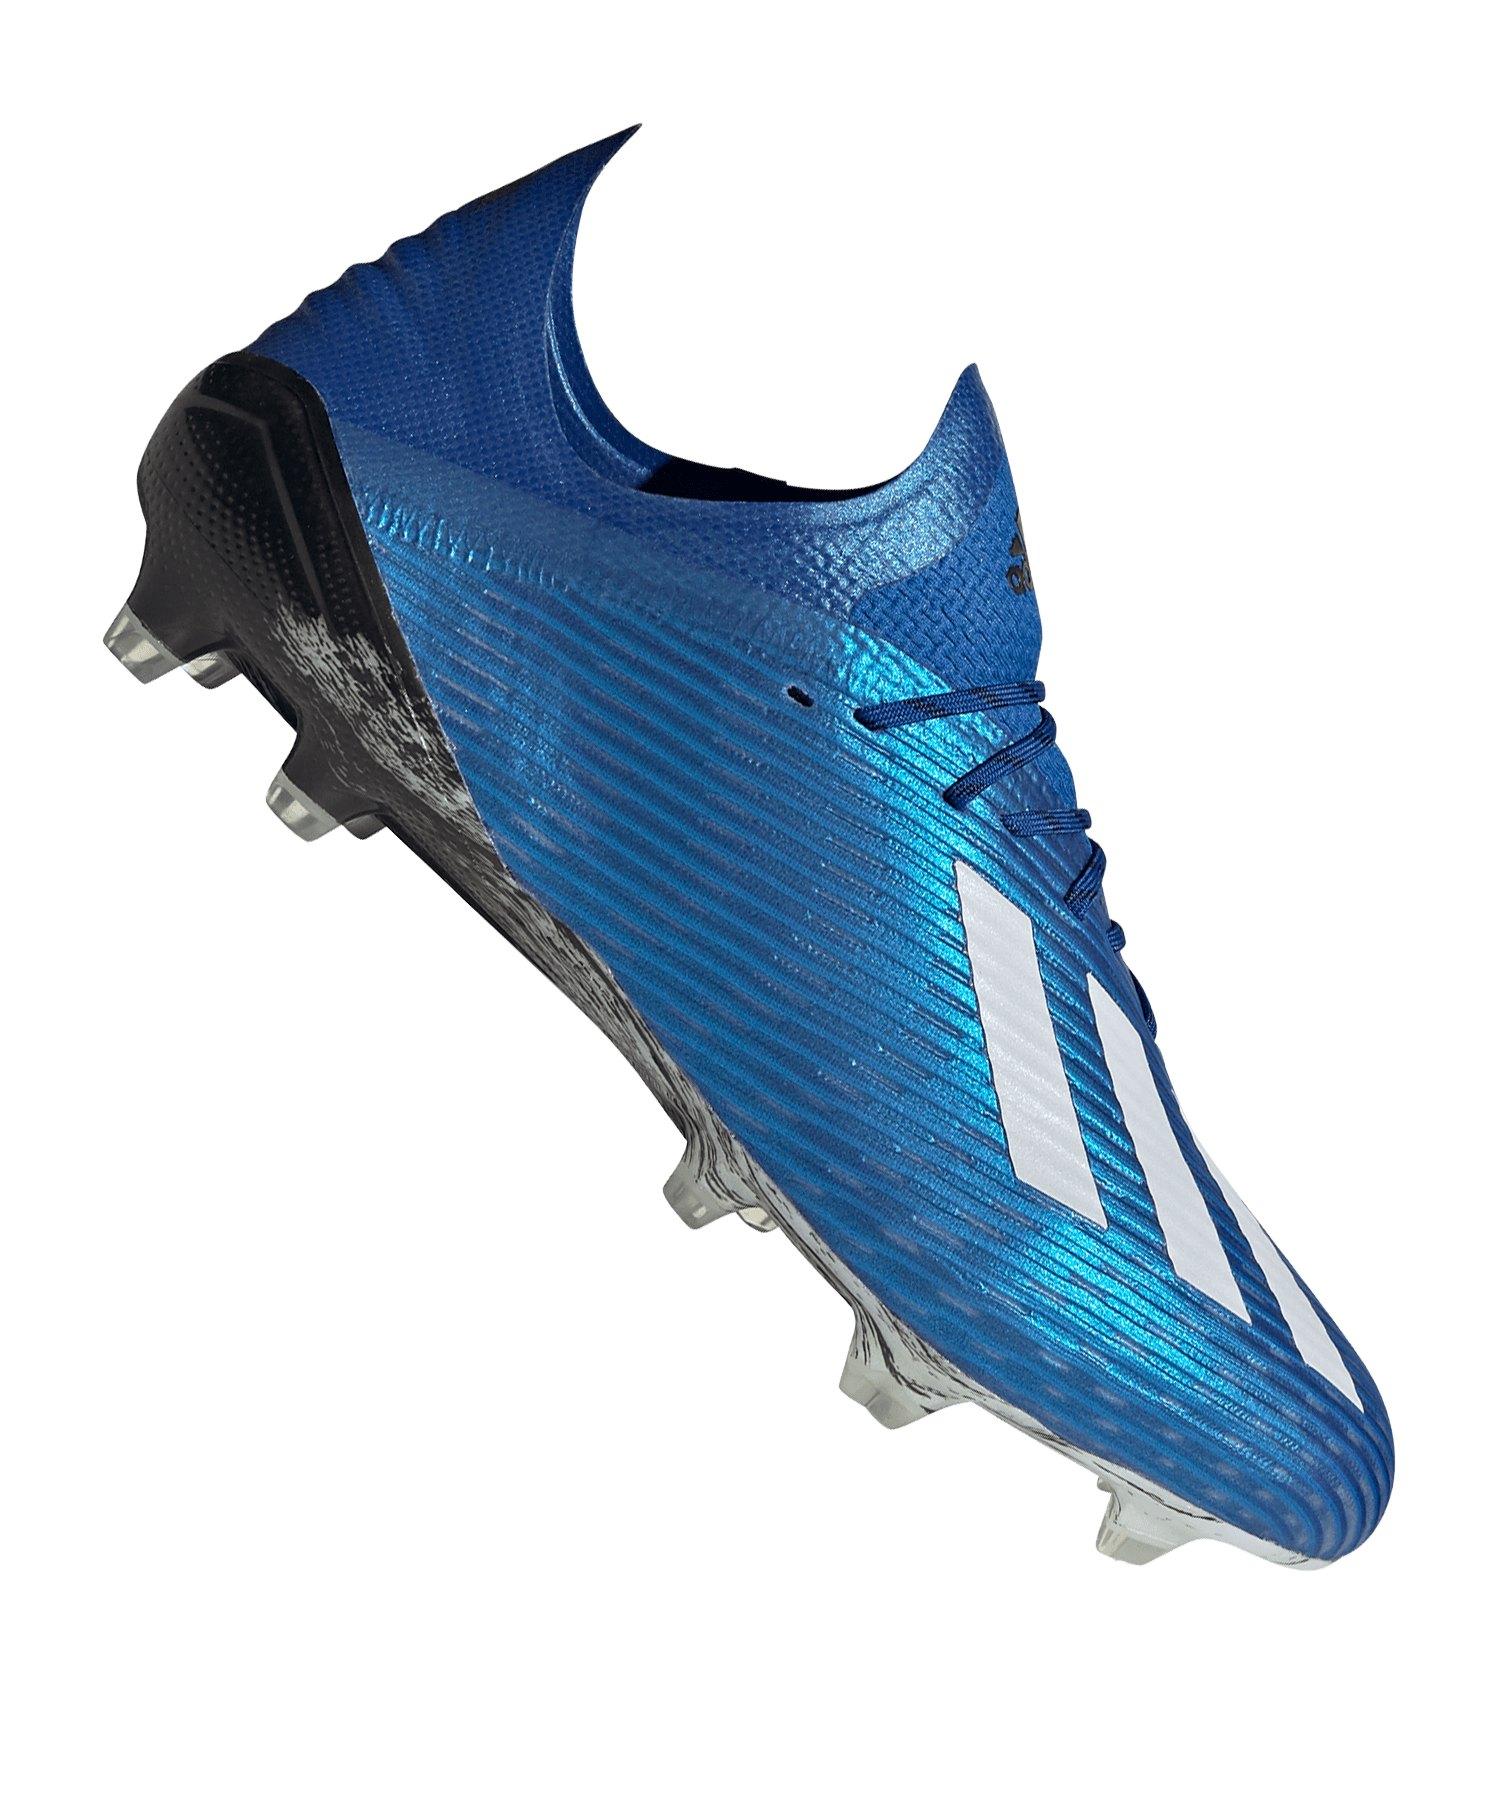 adidas X 19.1 FG Blau Schwarz